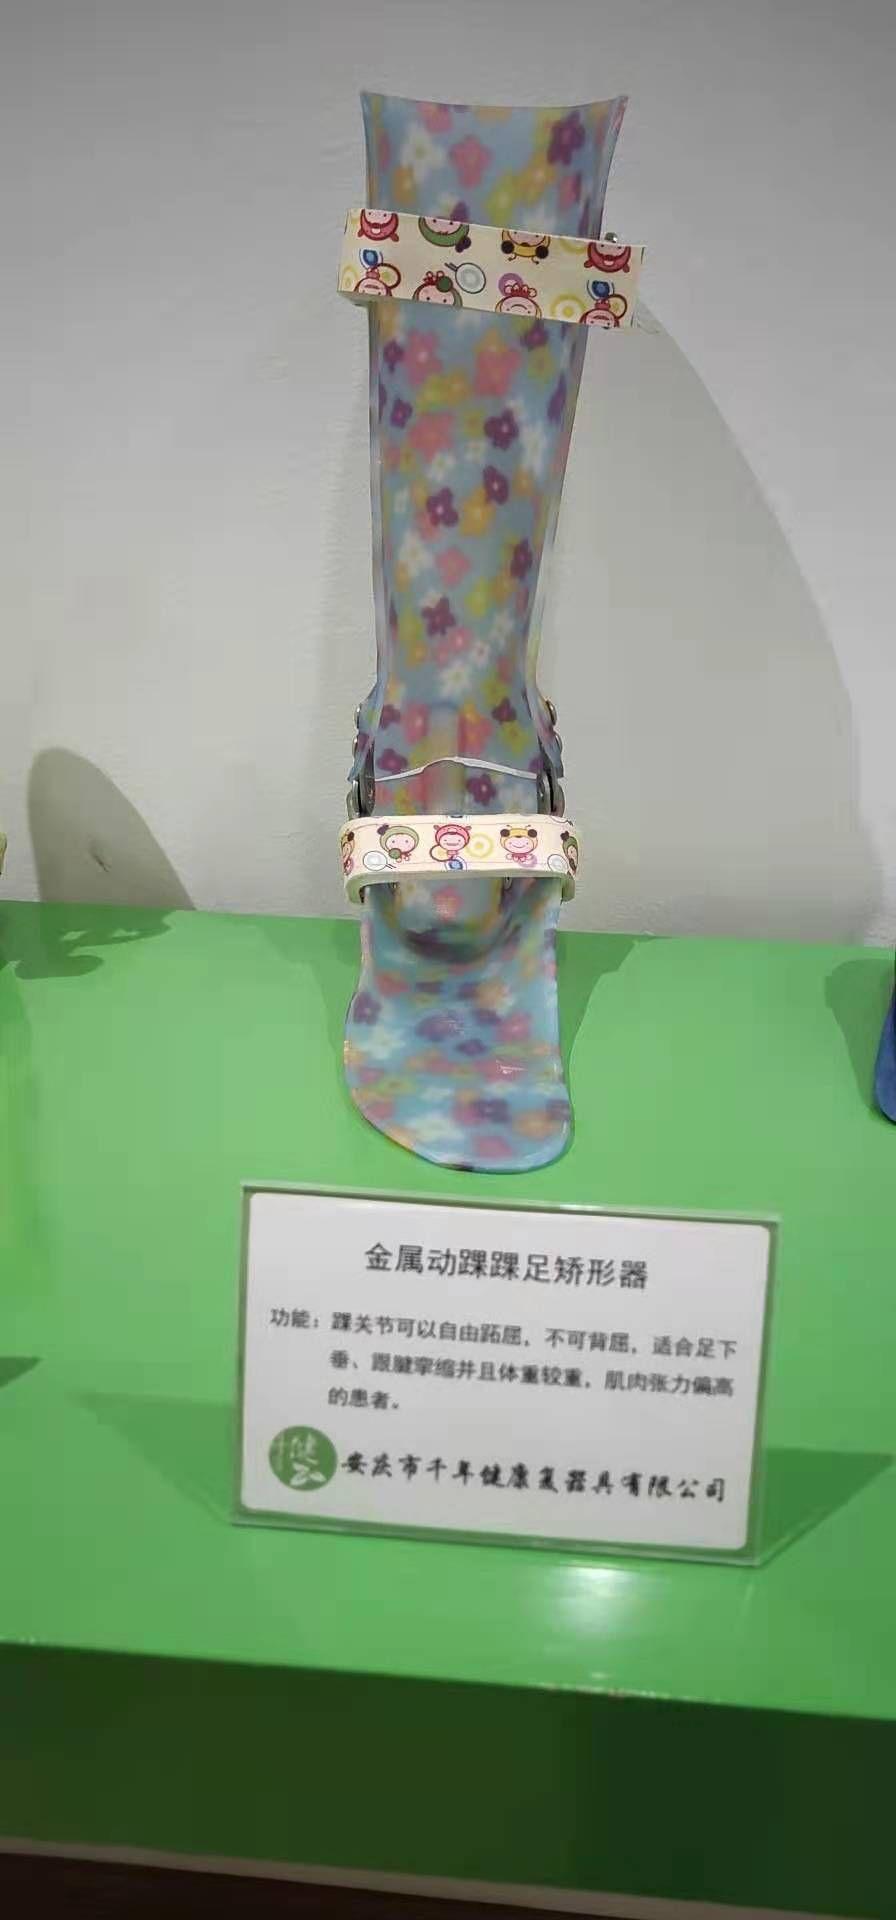 安徽定制踝足動踝矯形器銷售